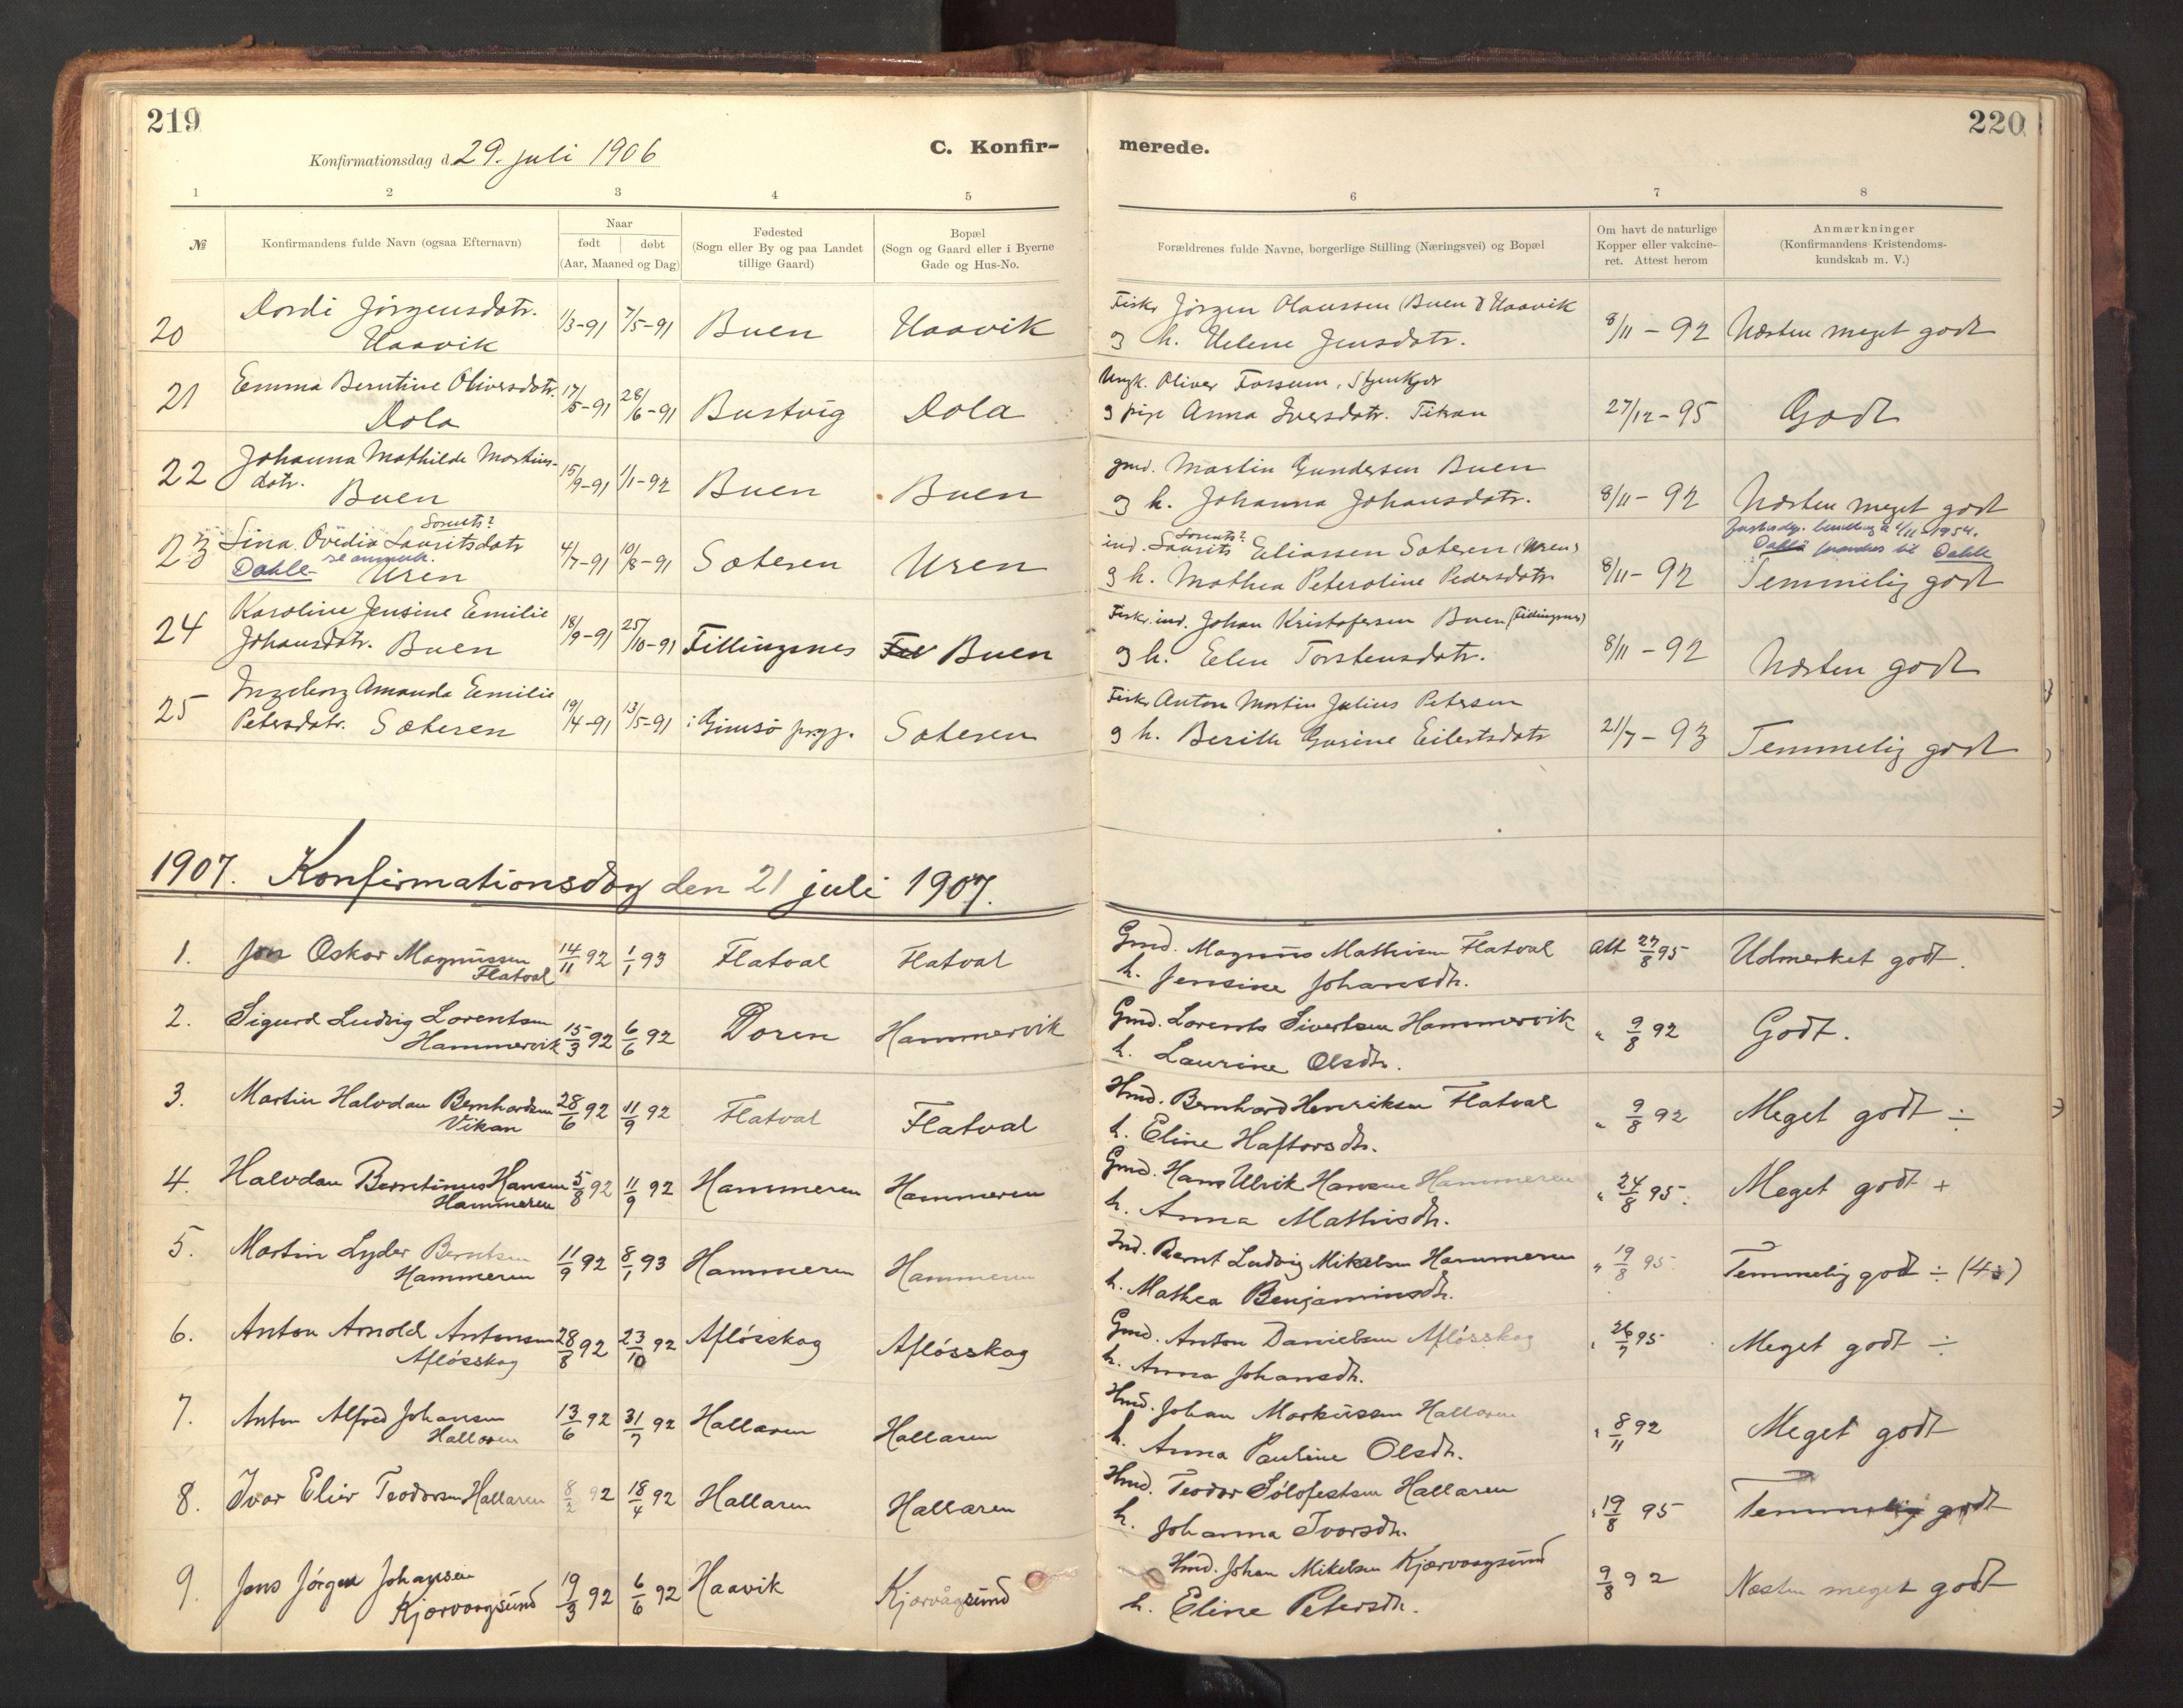 SAT, Ministerialprotokoller, klokkerbøker og fødselsregistre - Sør-Trøndelag, 641/L0596: Ministerialbok nr. 641A02, 1898-1915, s. 219-220